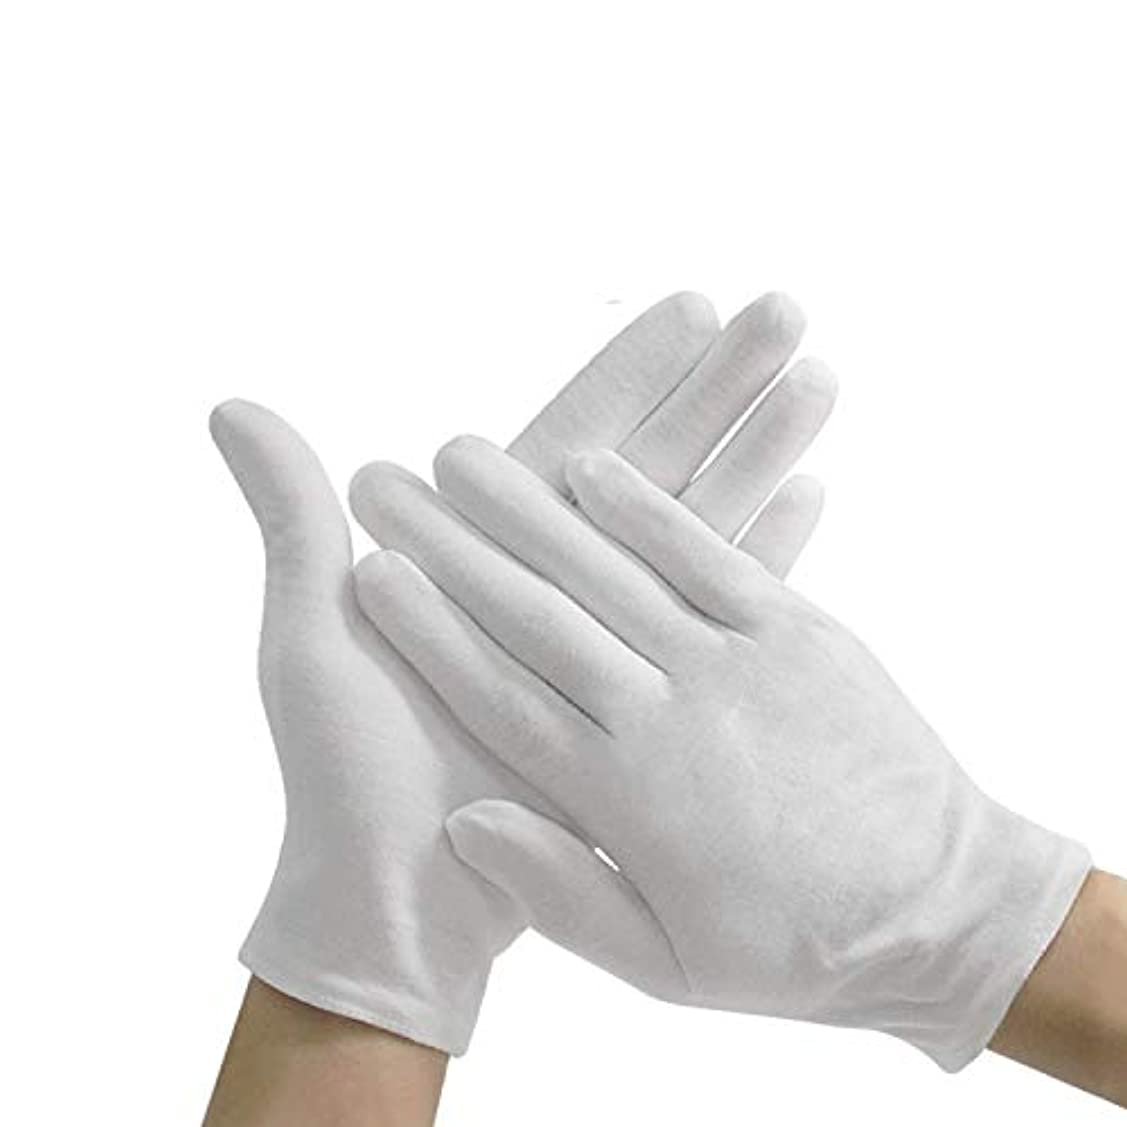 ほんのアサー脇にコットン手袋 純綿100%耐久性が強い上に軽く高品質伸縮性通気性抜群 白 12双組